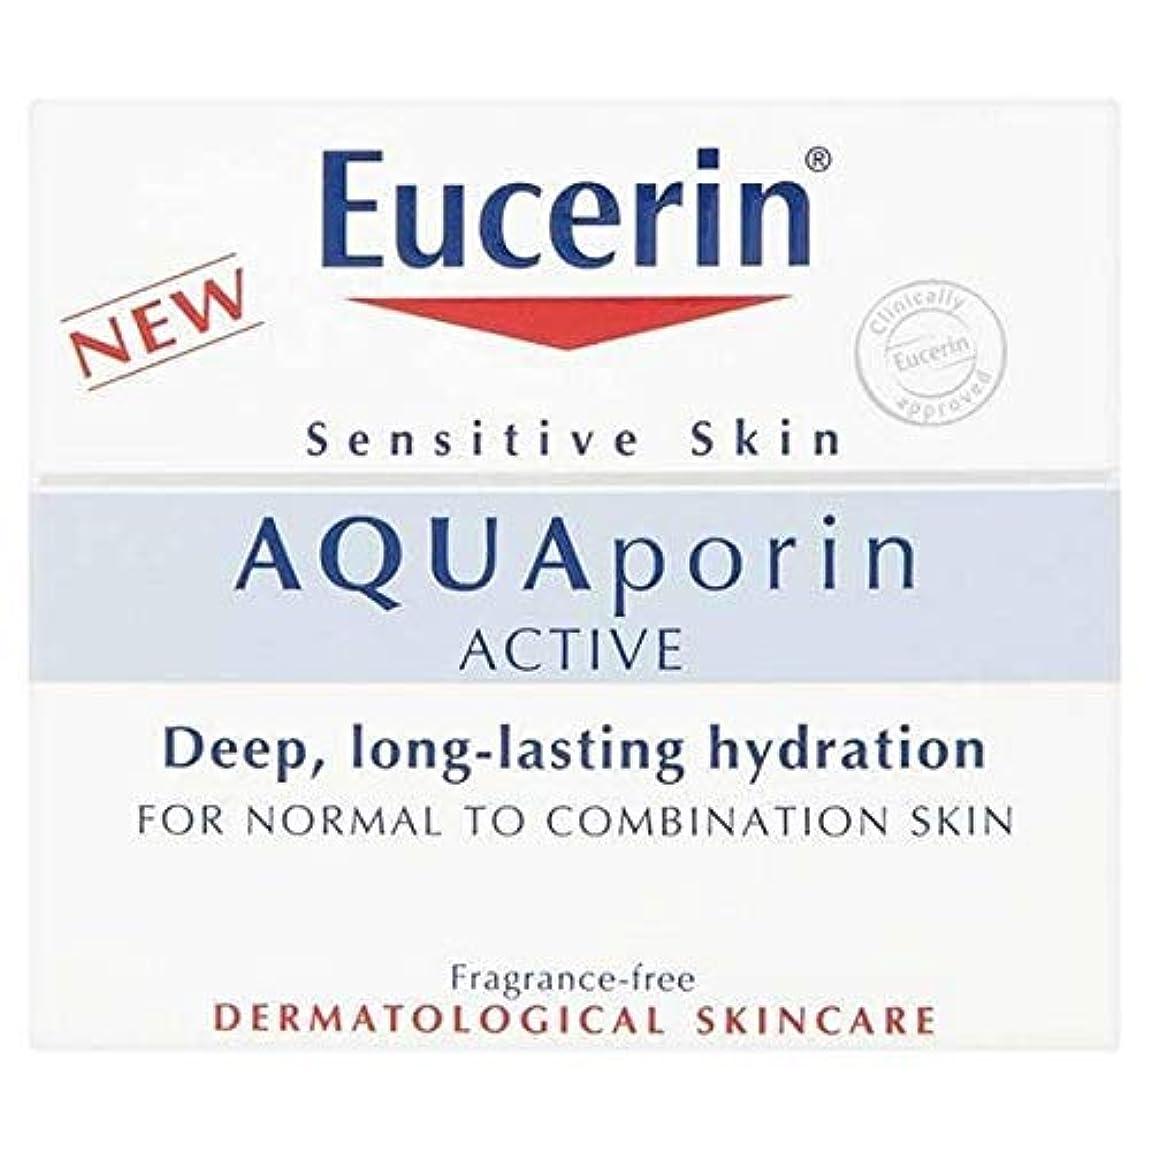 ハックワックス物理[Eucerin ] ノーマル/櫛皮膚50ミリリットルのためのユーセリンアクアポリンアクティブ水和 - Eucerin Aquaporin Active Hydration for Normal/Comb Skin 50ml...